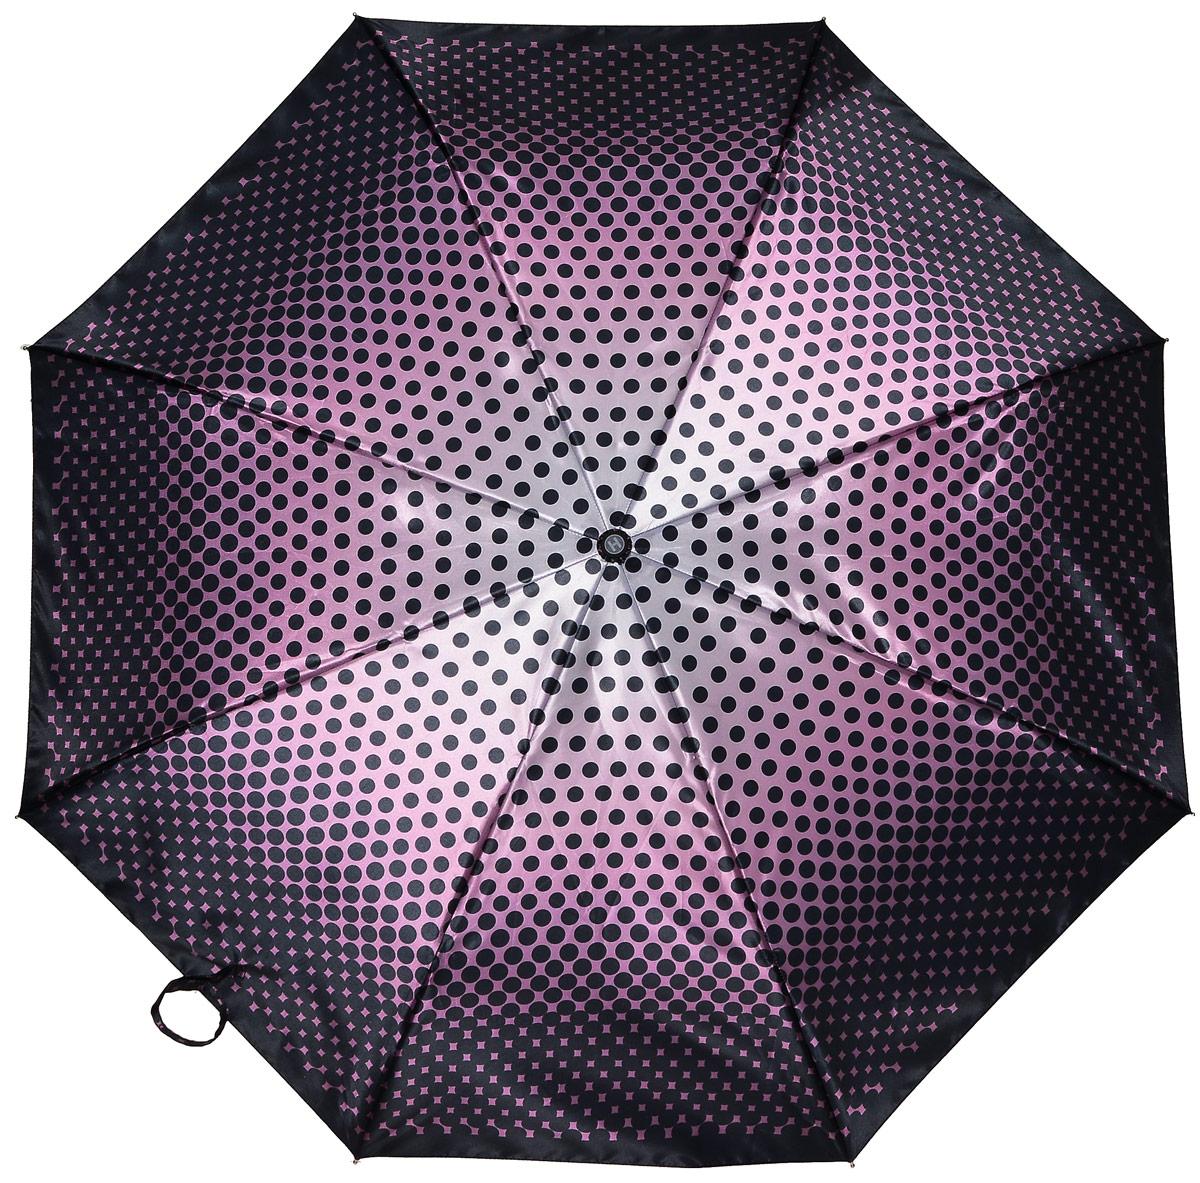 Зонт женский Henry Backer, 3 сложения, цвет: фиолетовый. U23202 Purple peasU23202 Purple peasСтильный женский зонт «Лиловый горох» с сатиновым куполом, автомат У зонта комфортная для ладони рукоять из нескользящего материала с насечками под пальцы, чтобы зонт было удобно удерживать при порывах ветра.